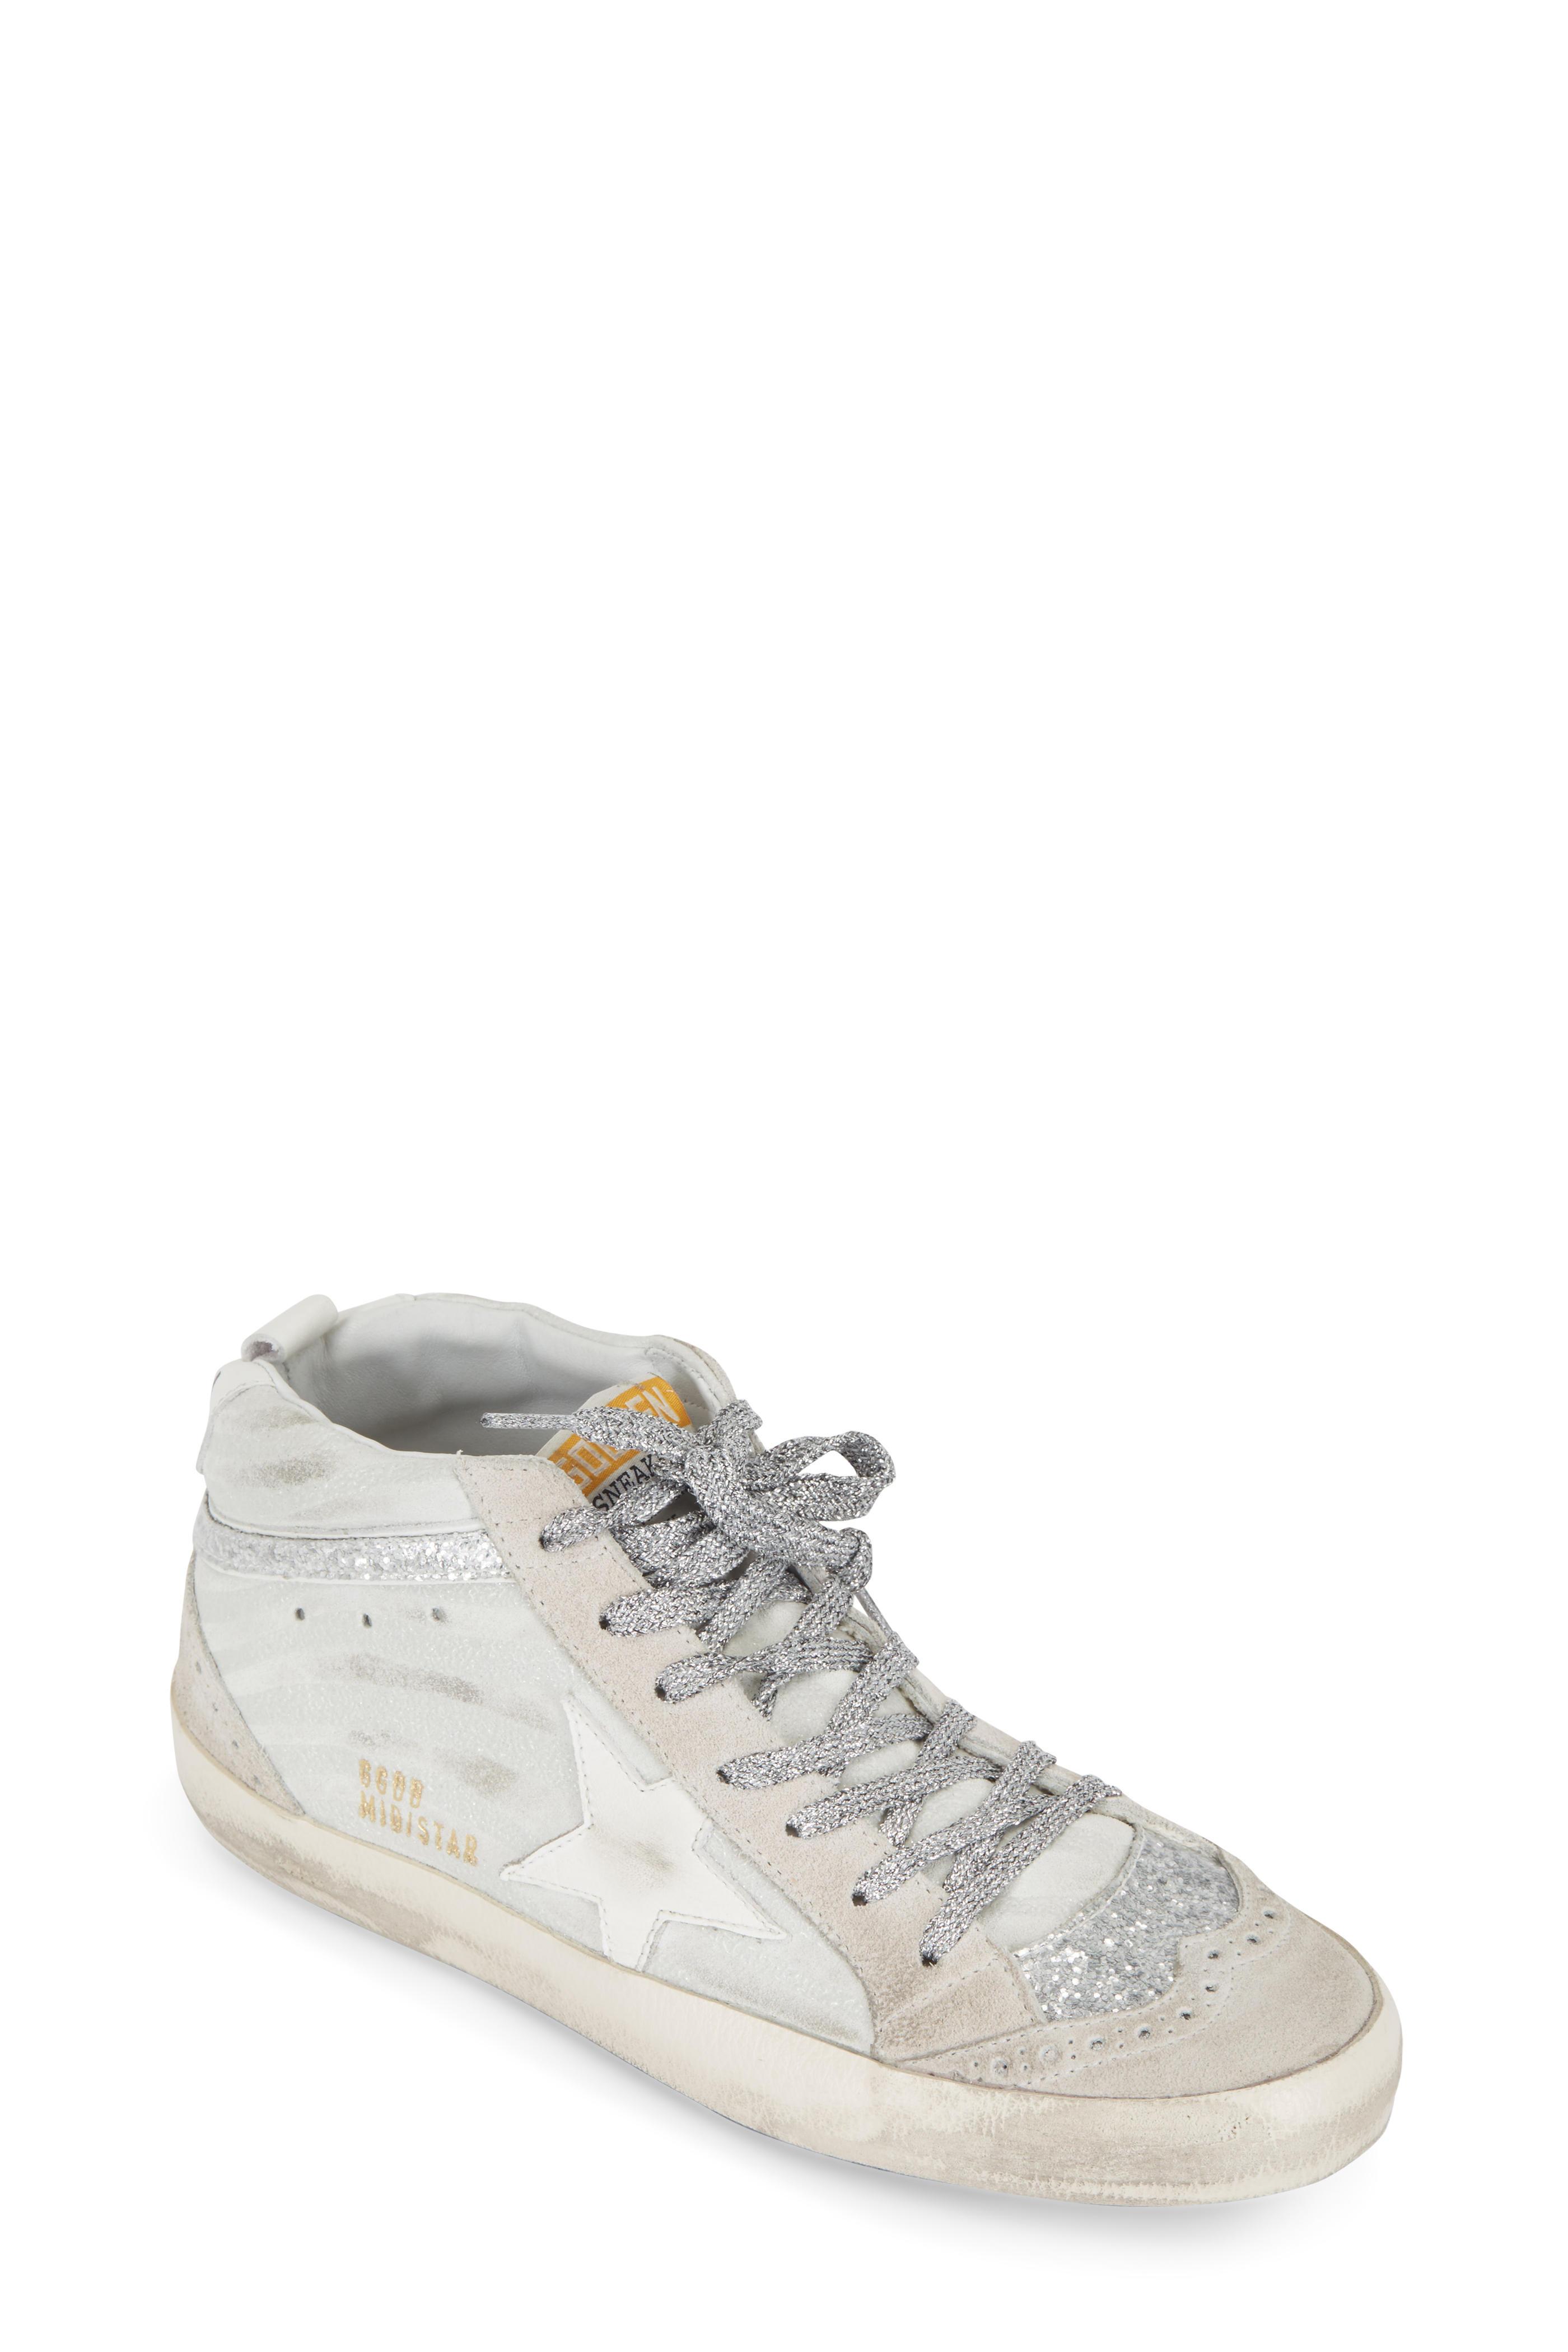 382090f8872ebf Golden Goose - Midstar White   Silver Zebra Glitter Sneaker ...